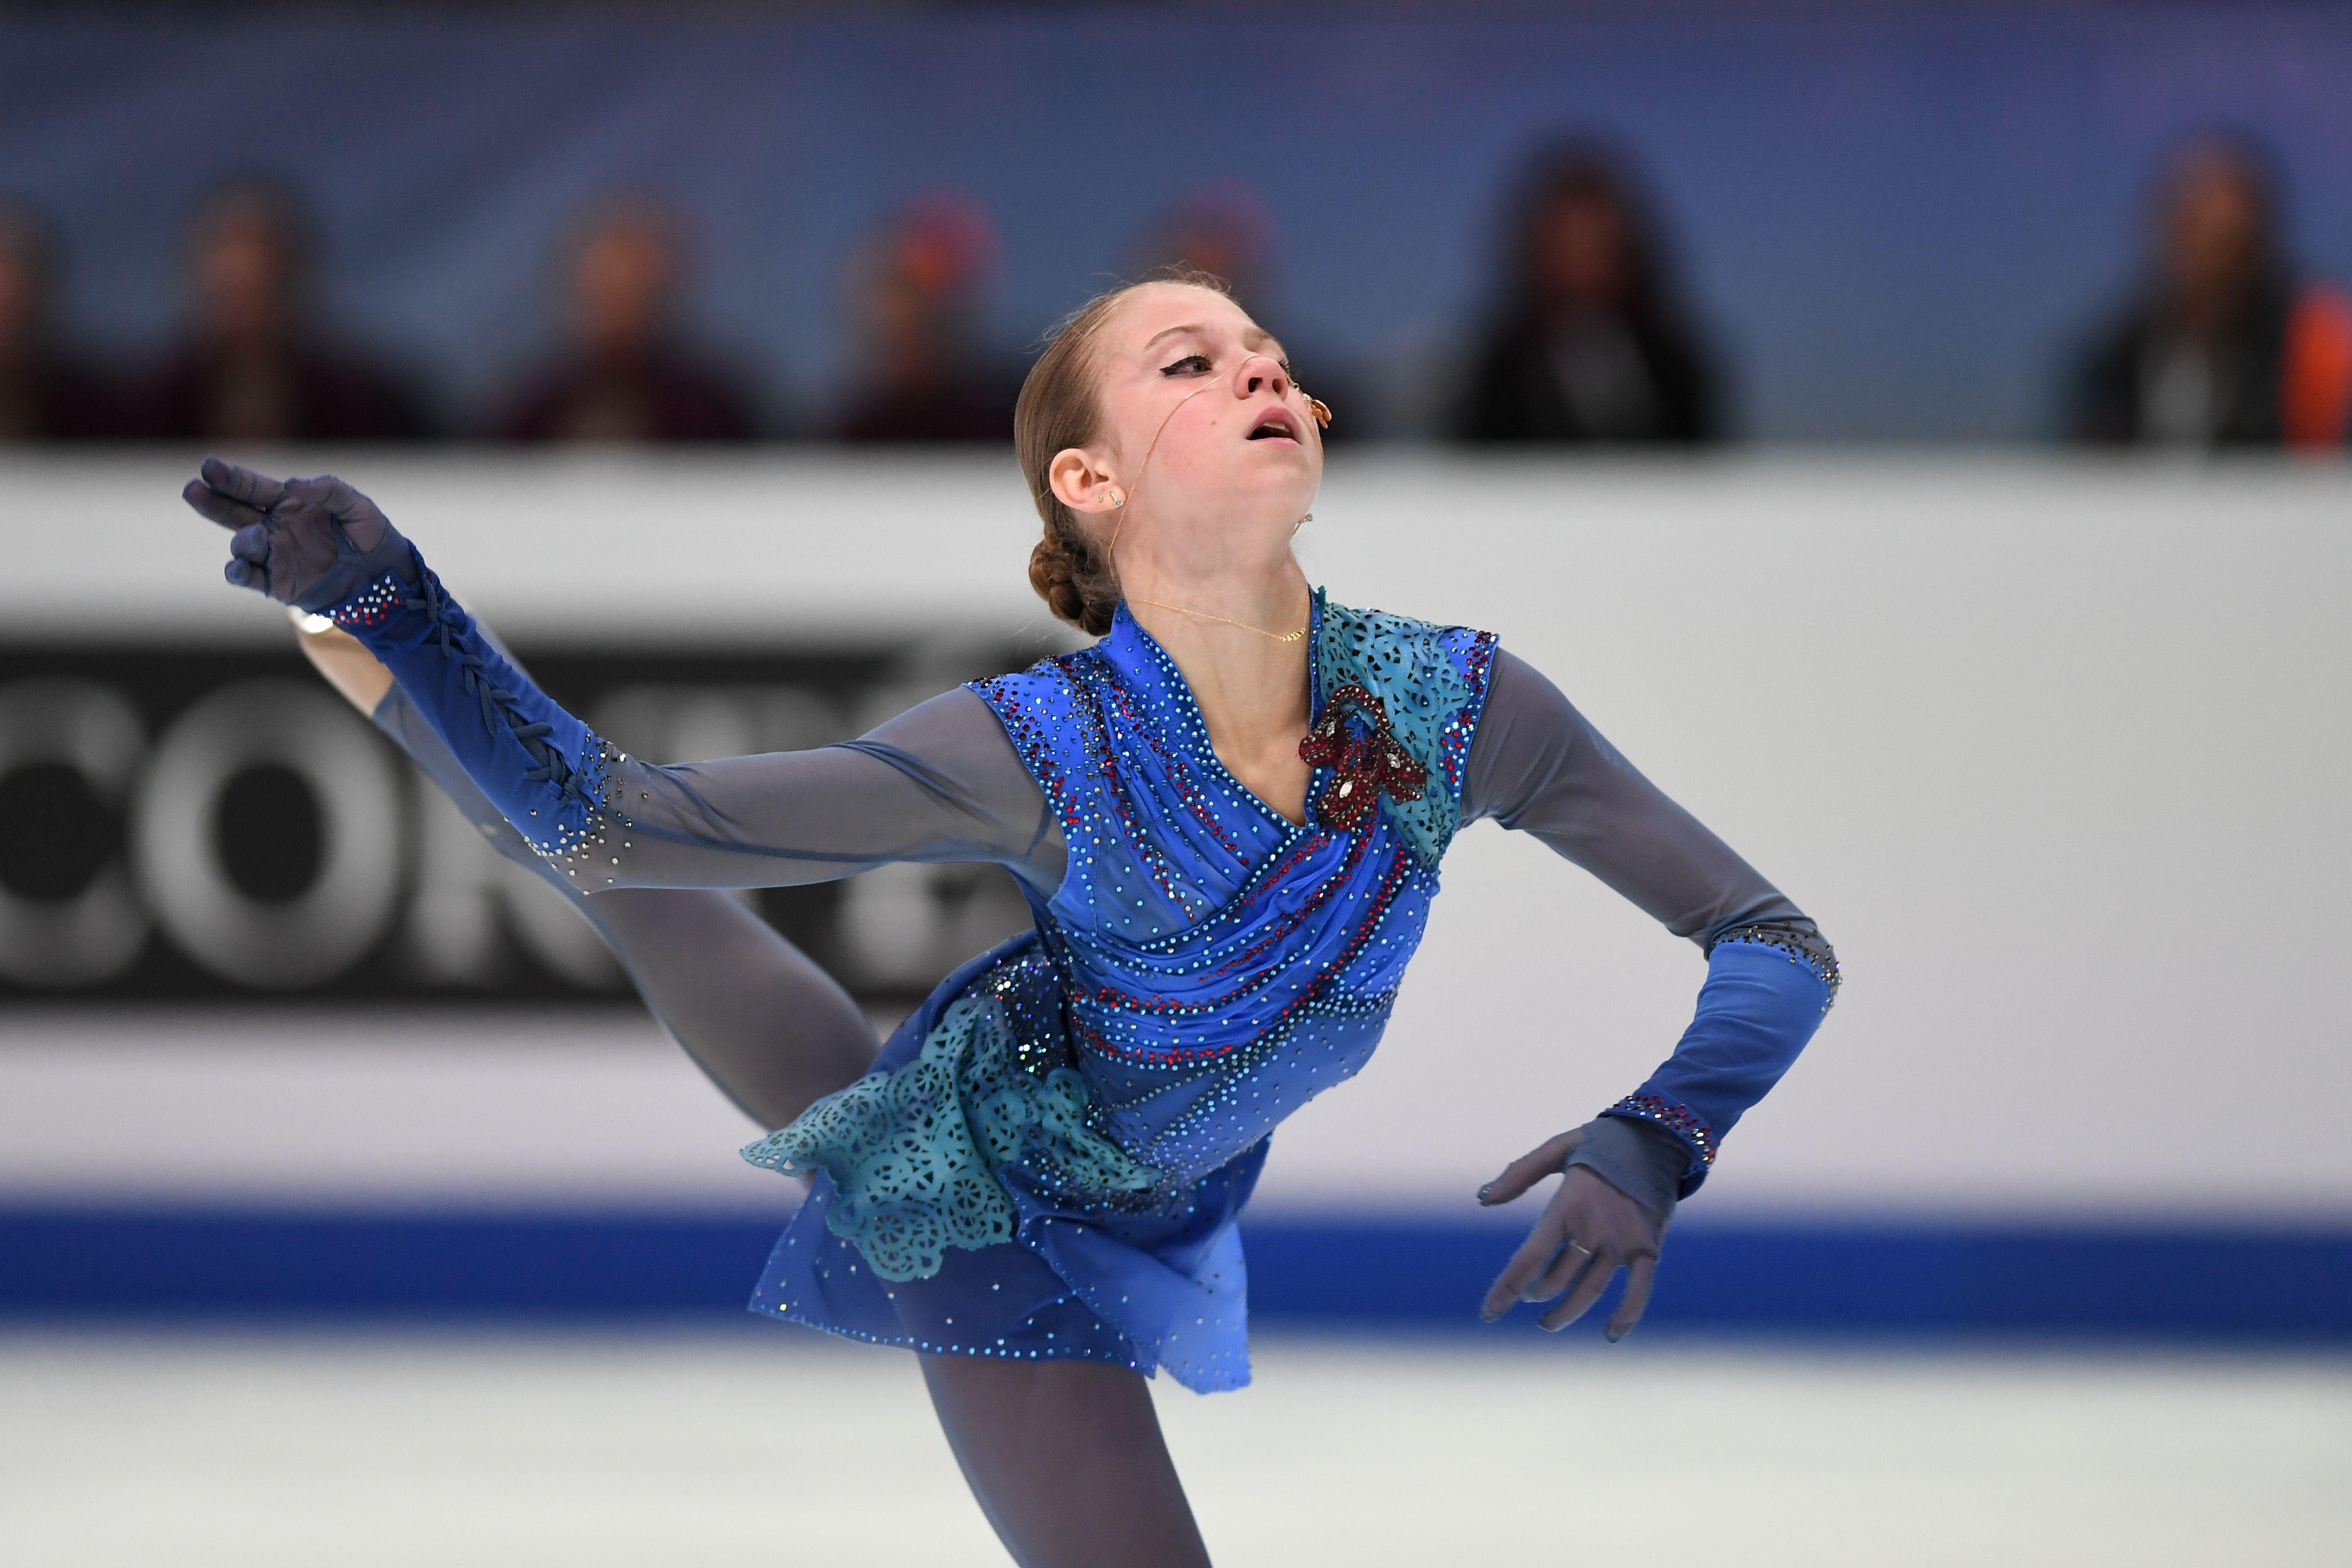 Трусова планирует исполнить три четверных на чемпионате мира, Щербакова - только один